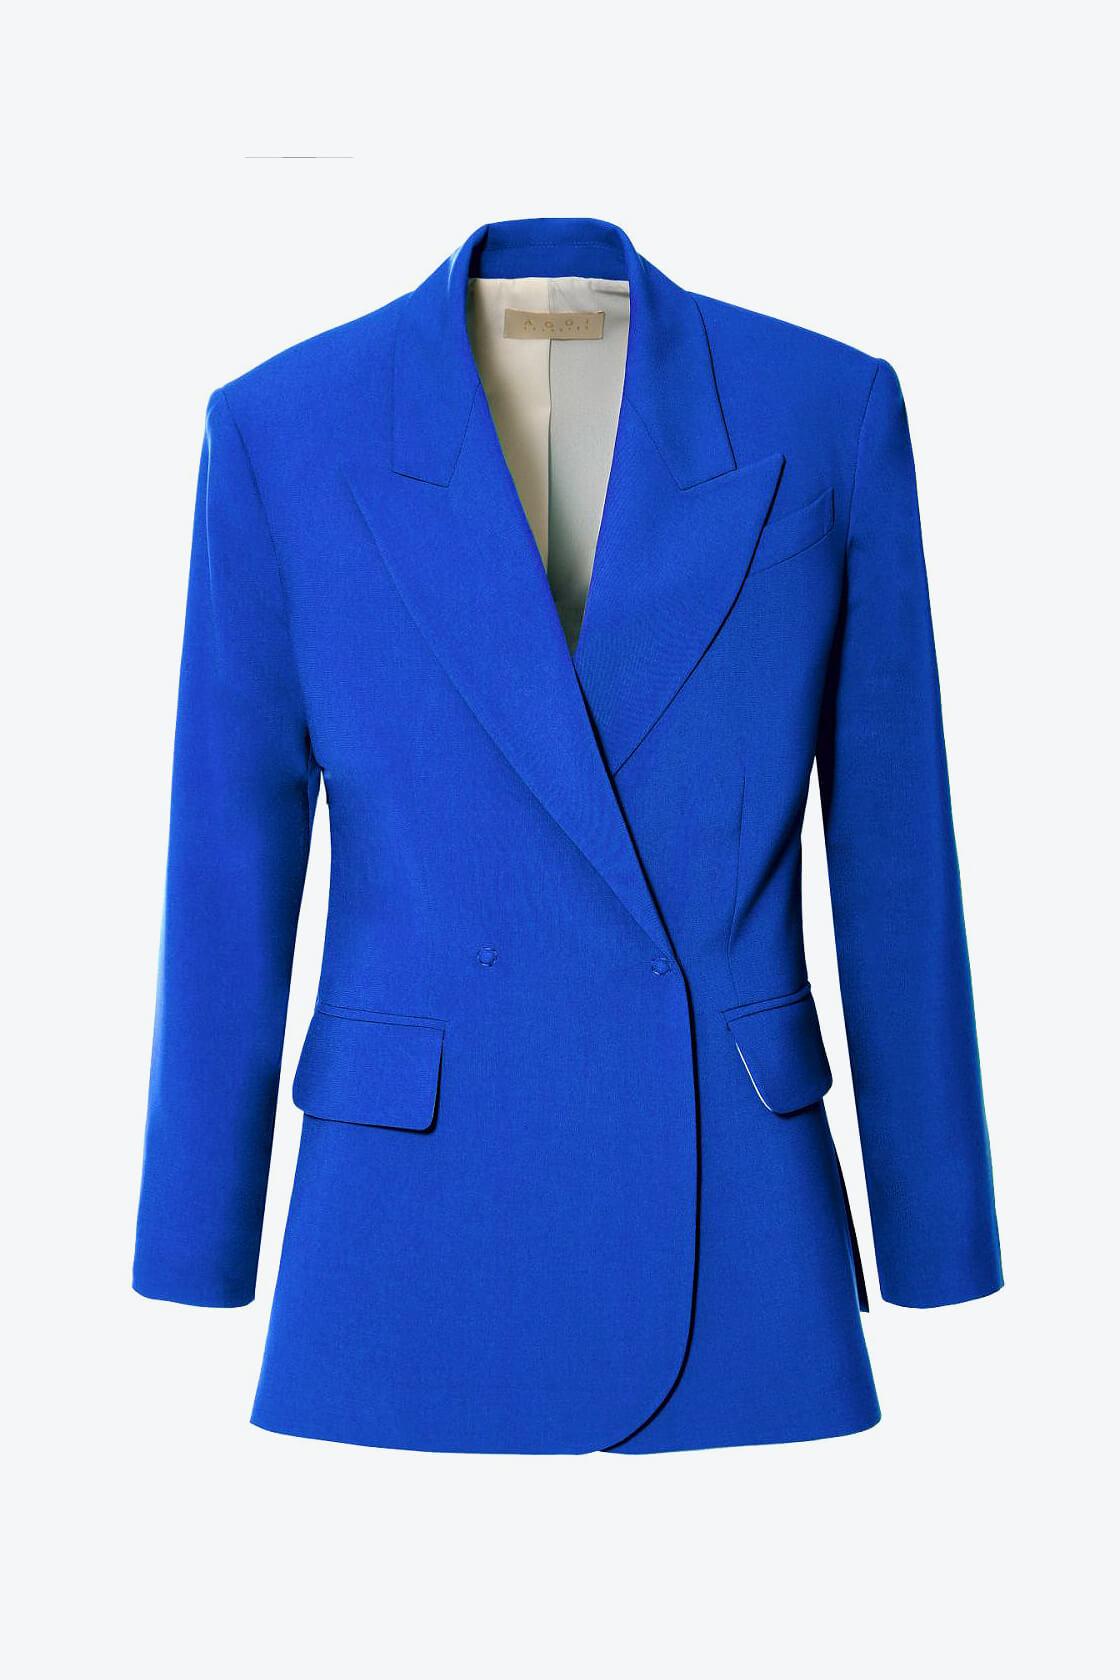 OL100002571 Blazer Ramona Classic Blue1